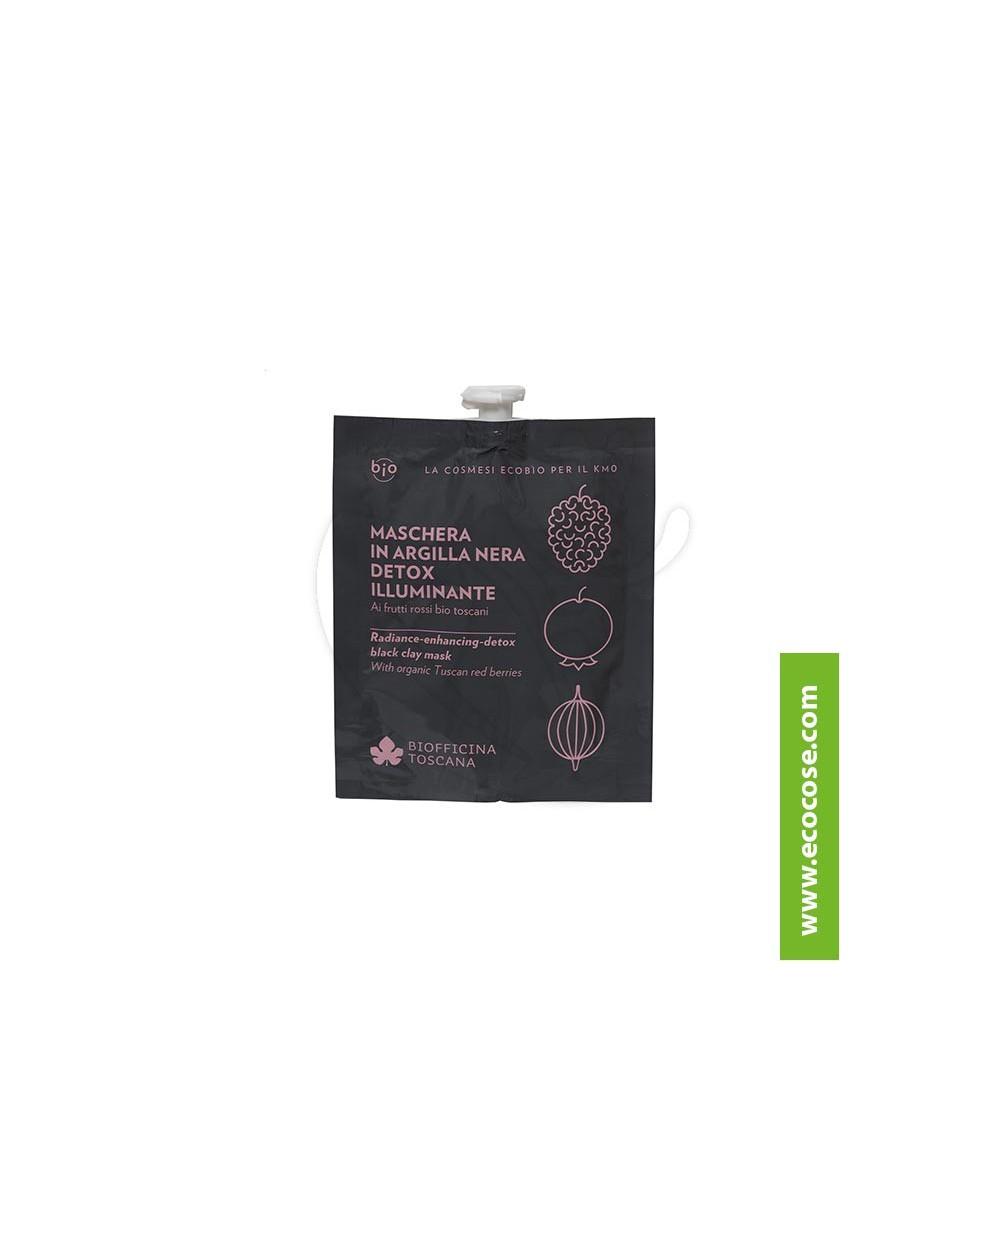 Biofficina Toscana - Maschera in argilla nera detox illuminante